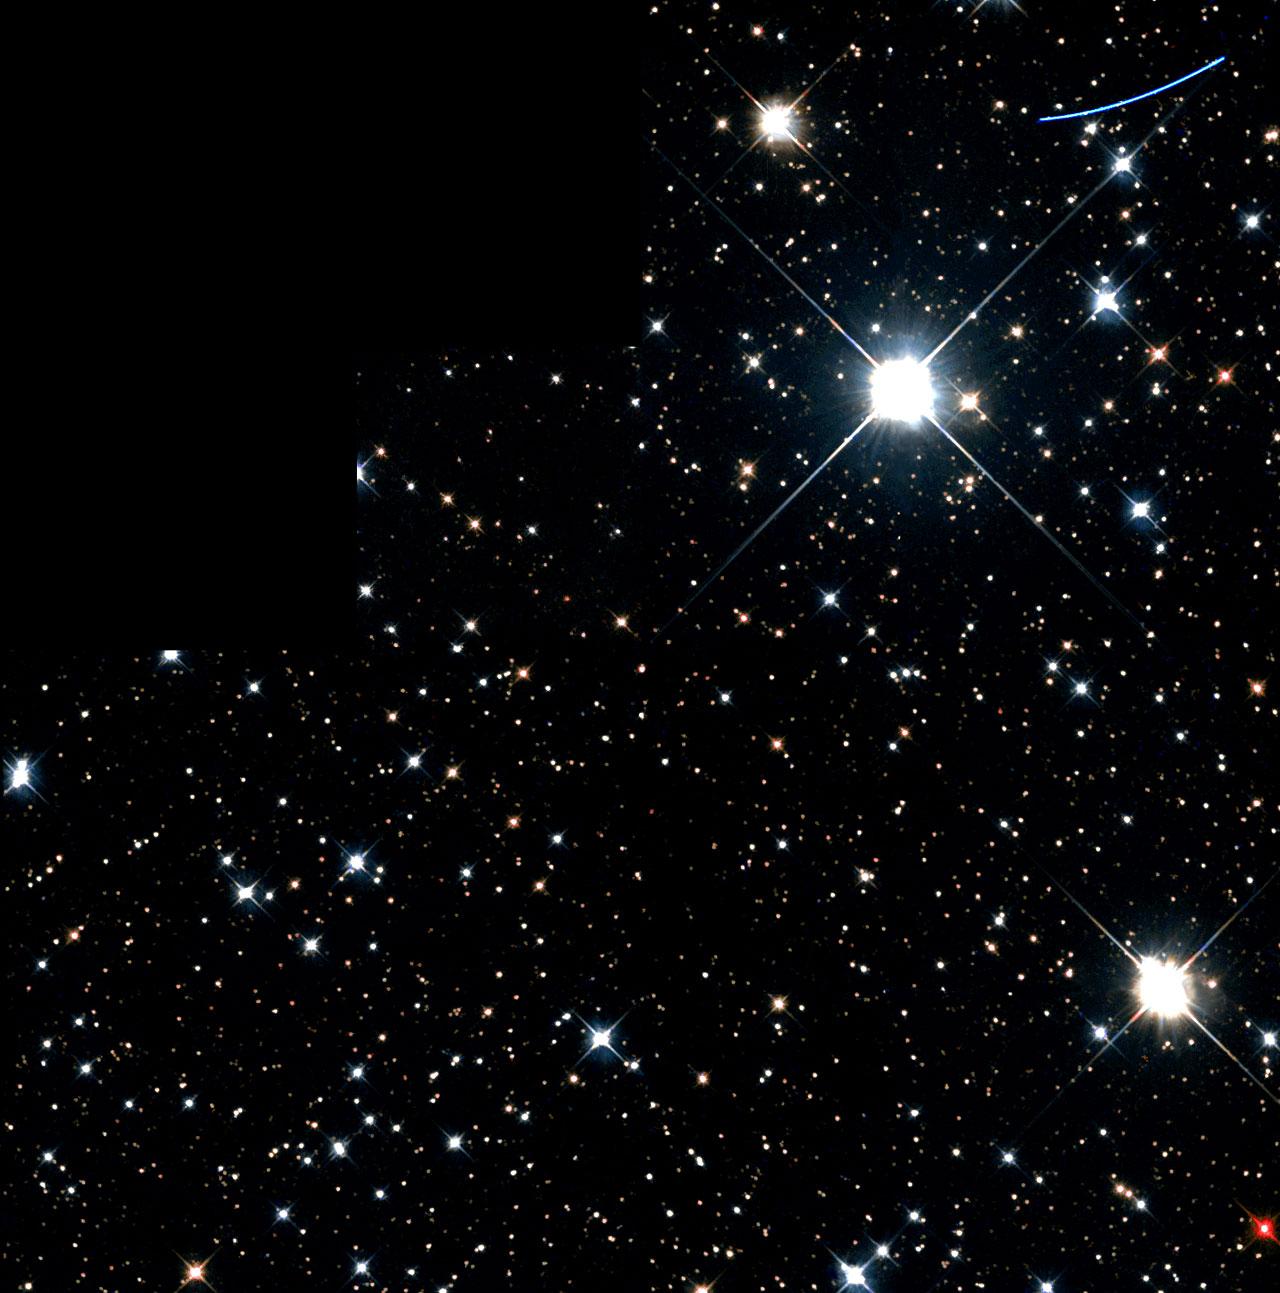 A Mote in Hubble's Eye